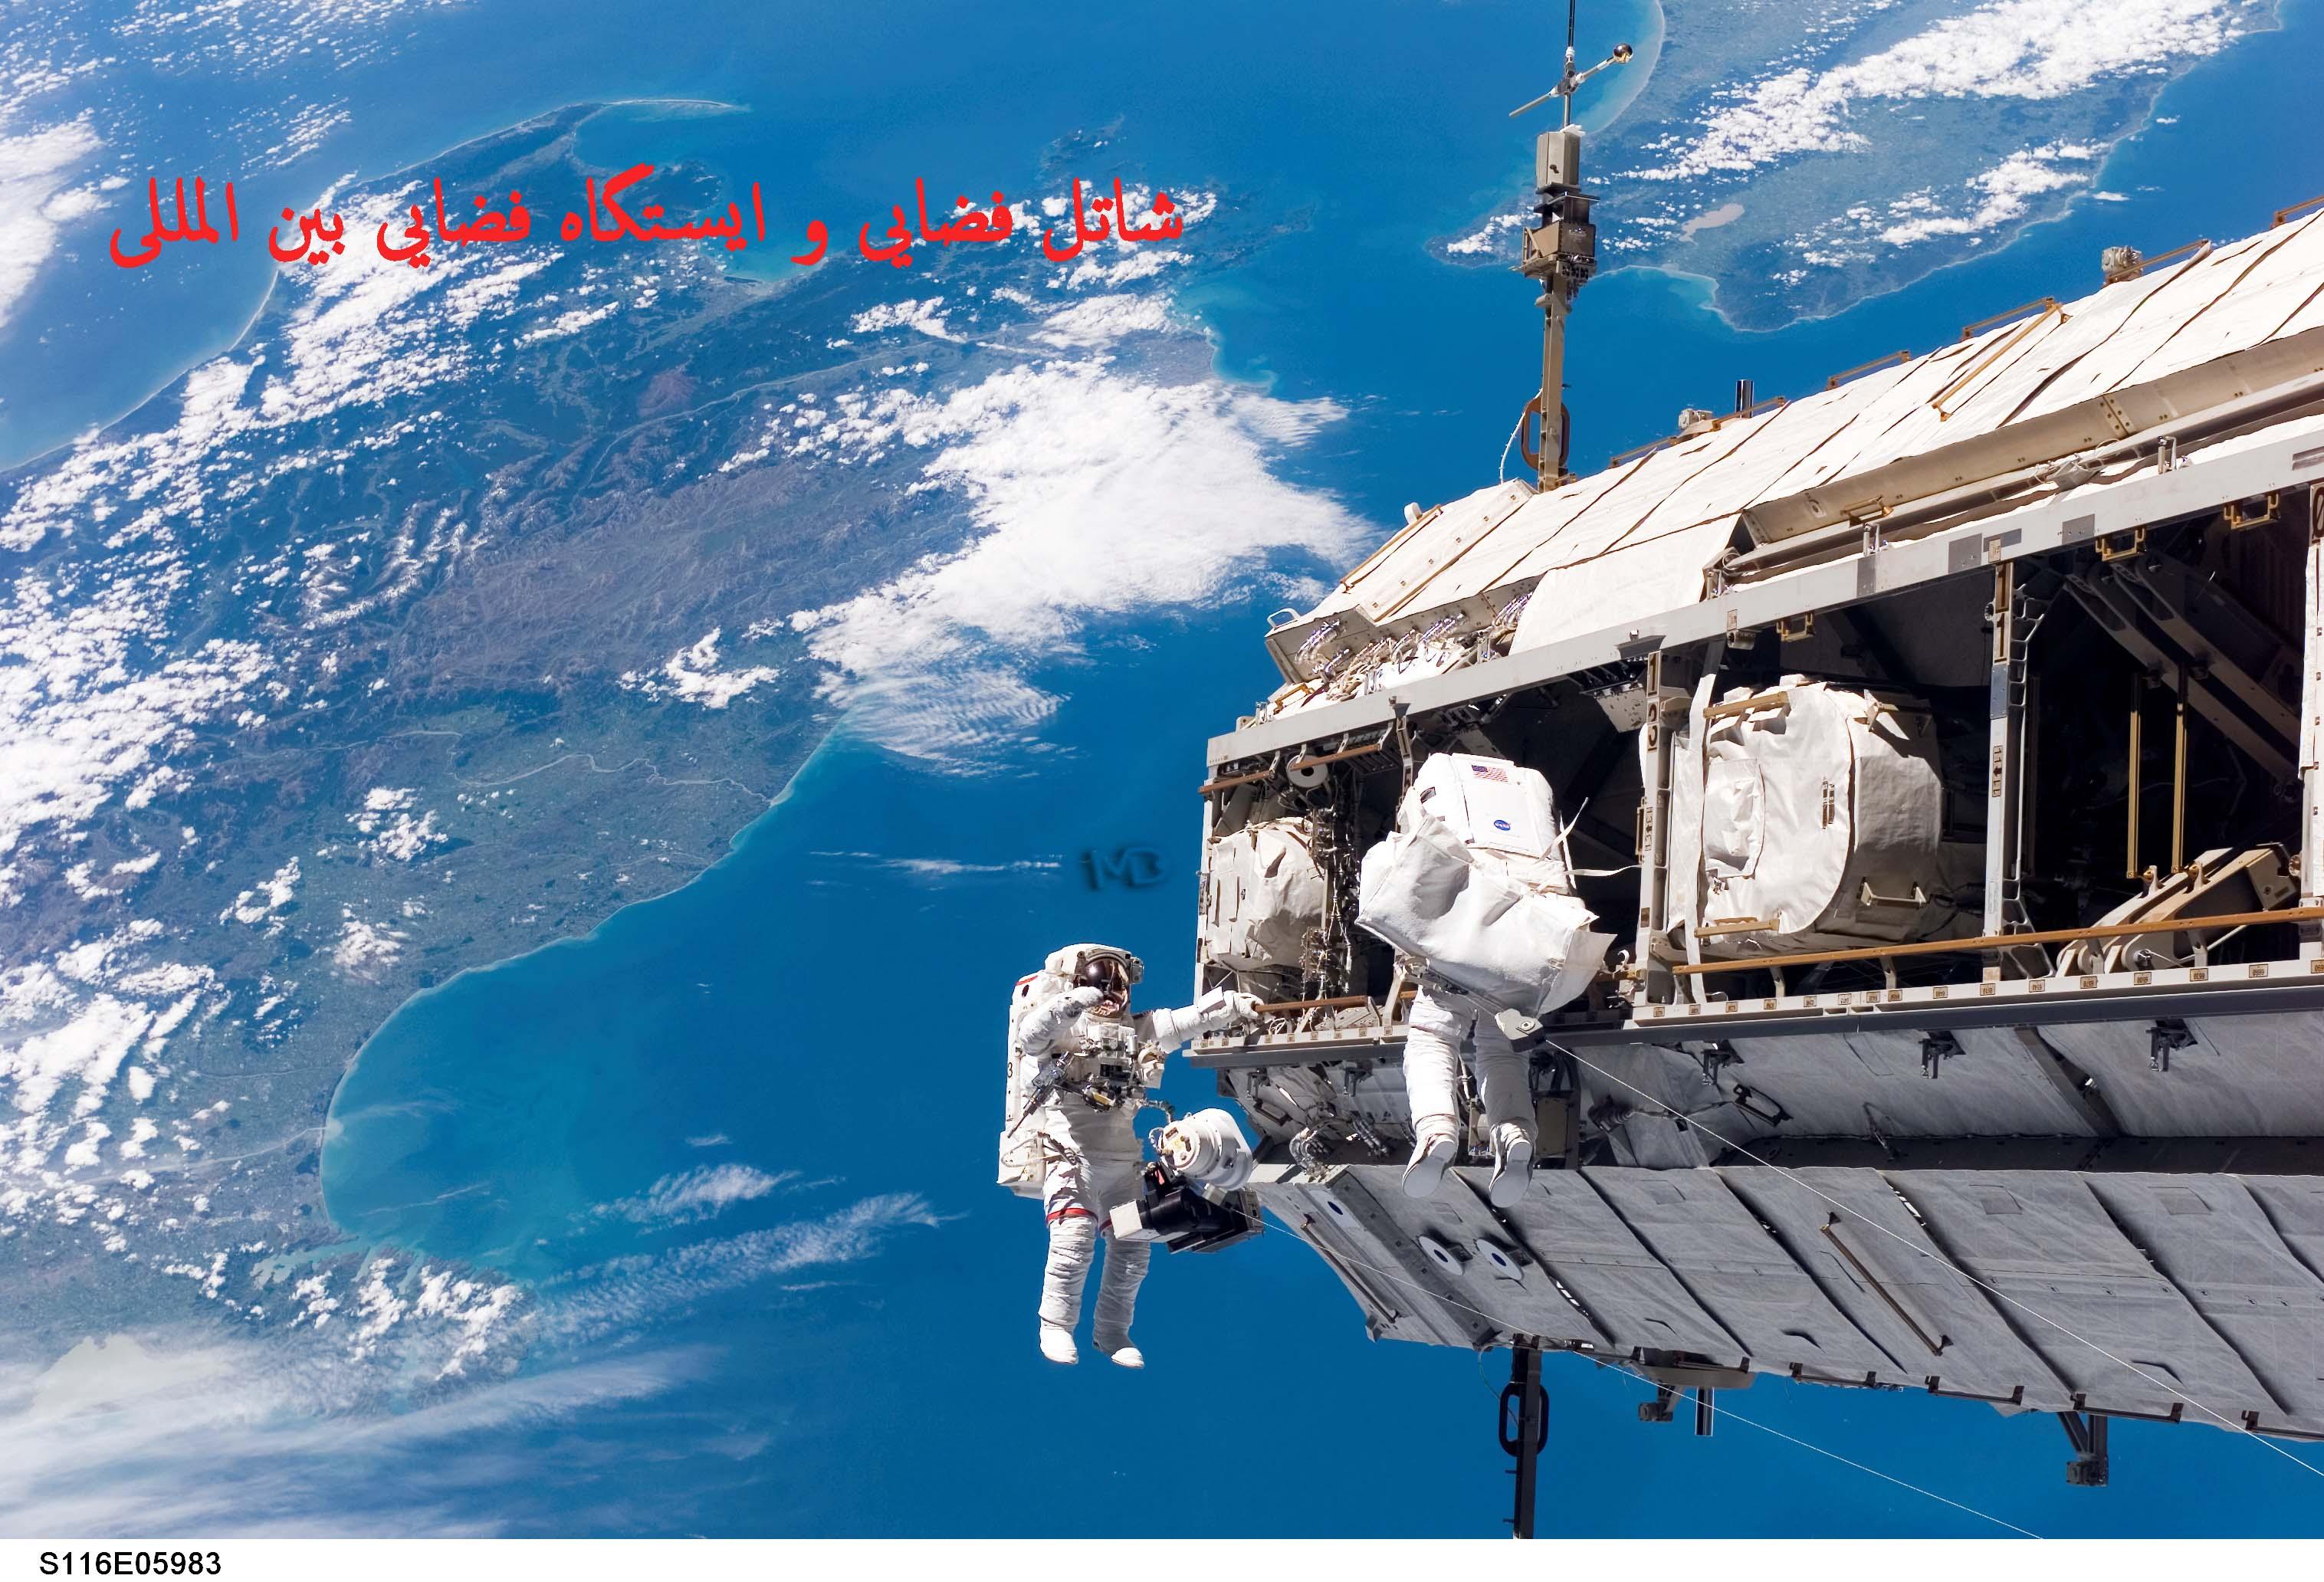 trussnauts sts116 big دانلود کتاب شاتل فضایی و ایستگاه فضایی بین المللی